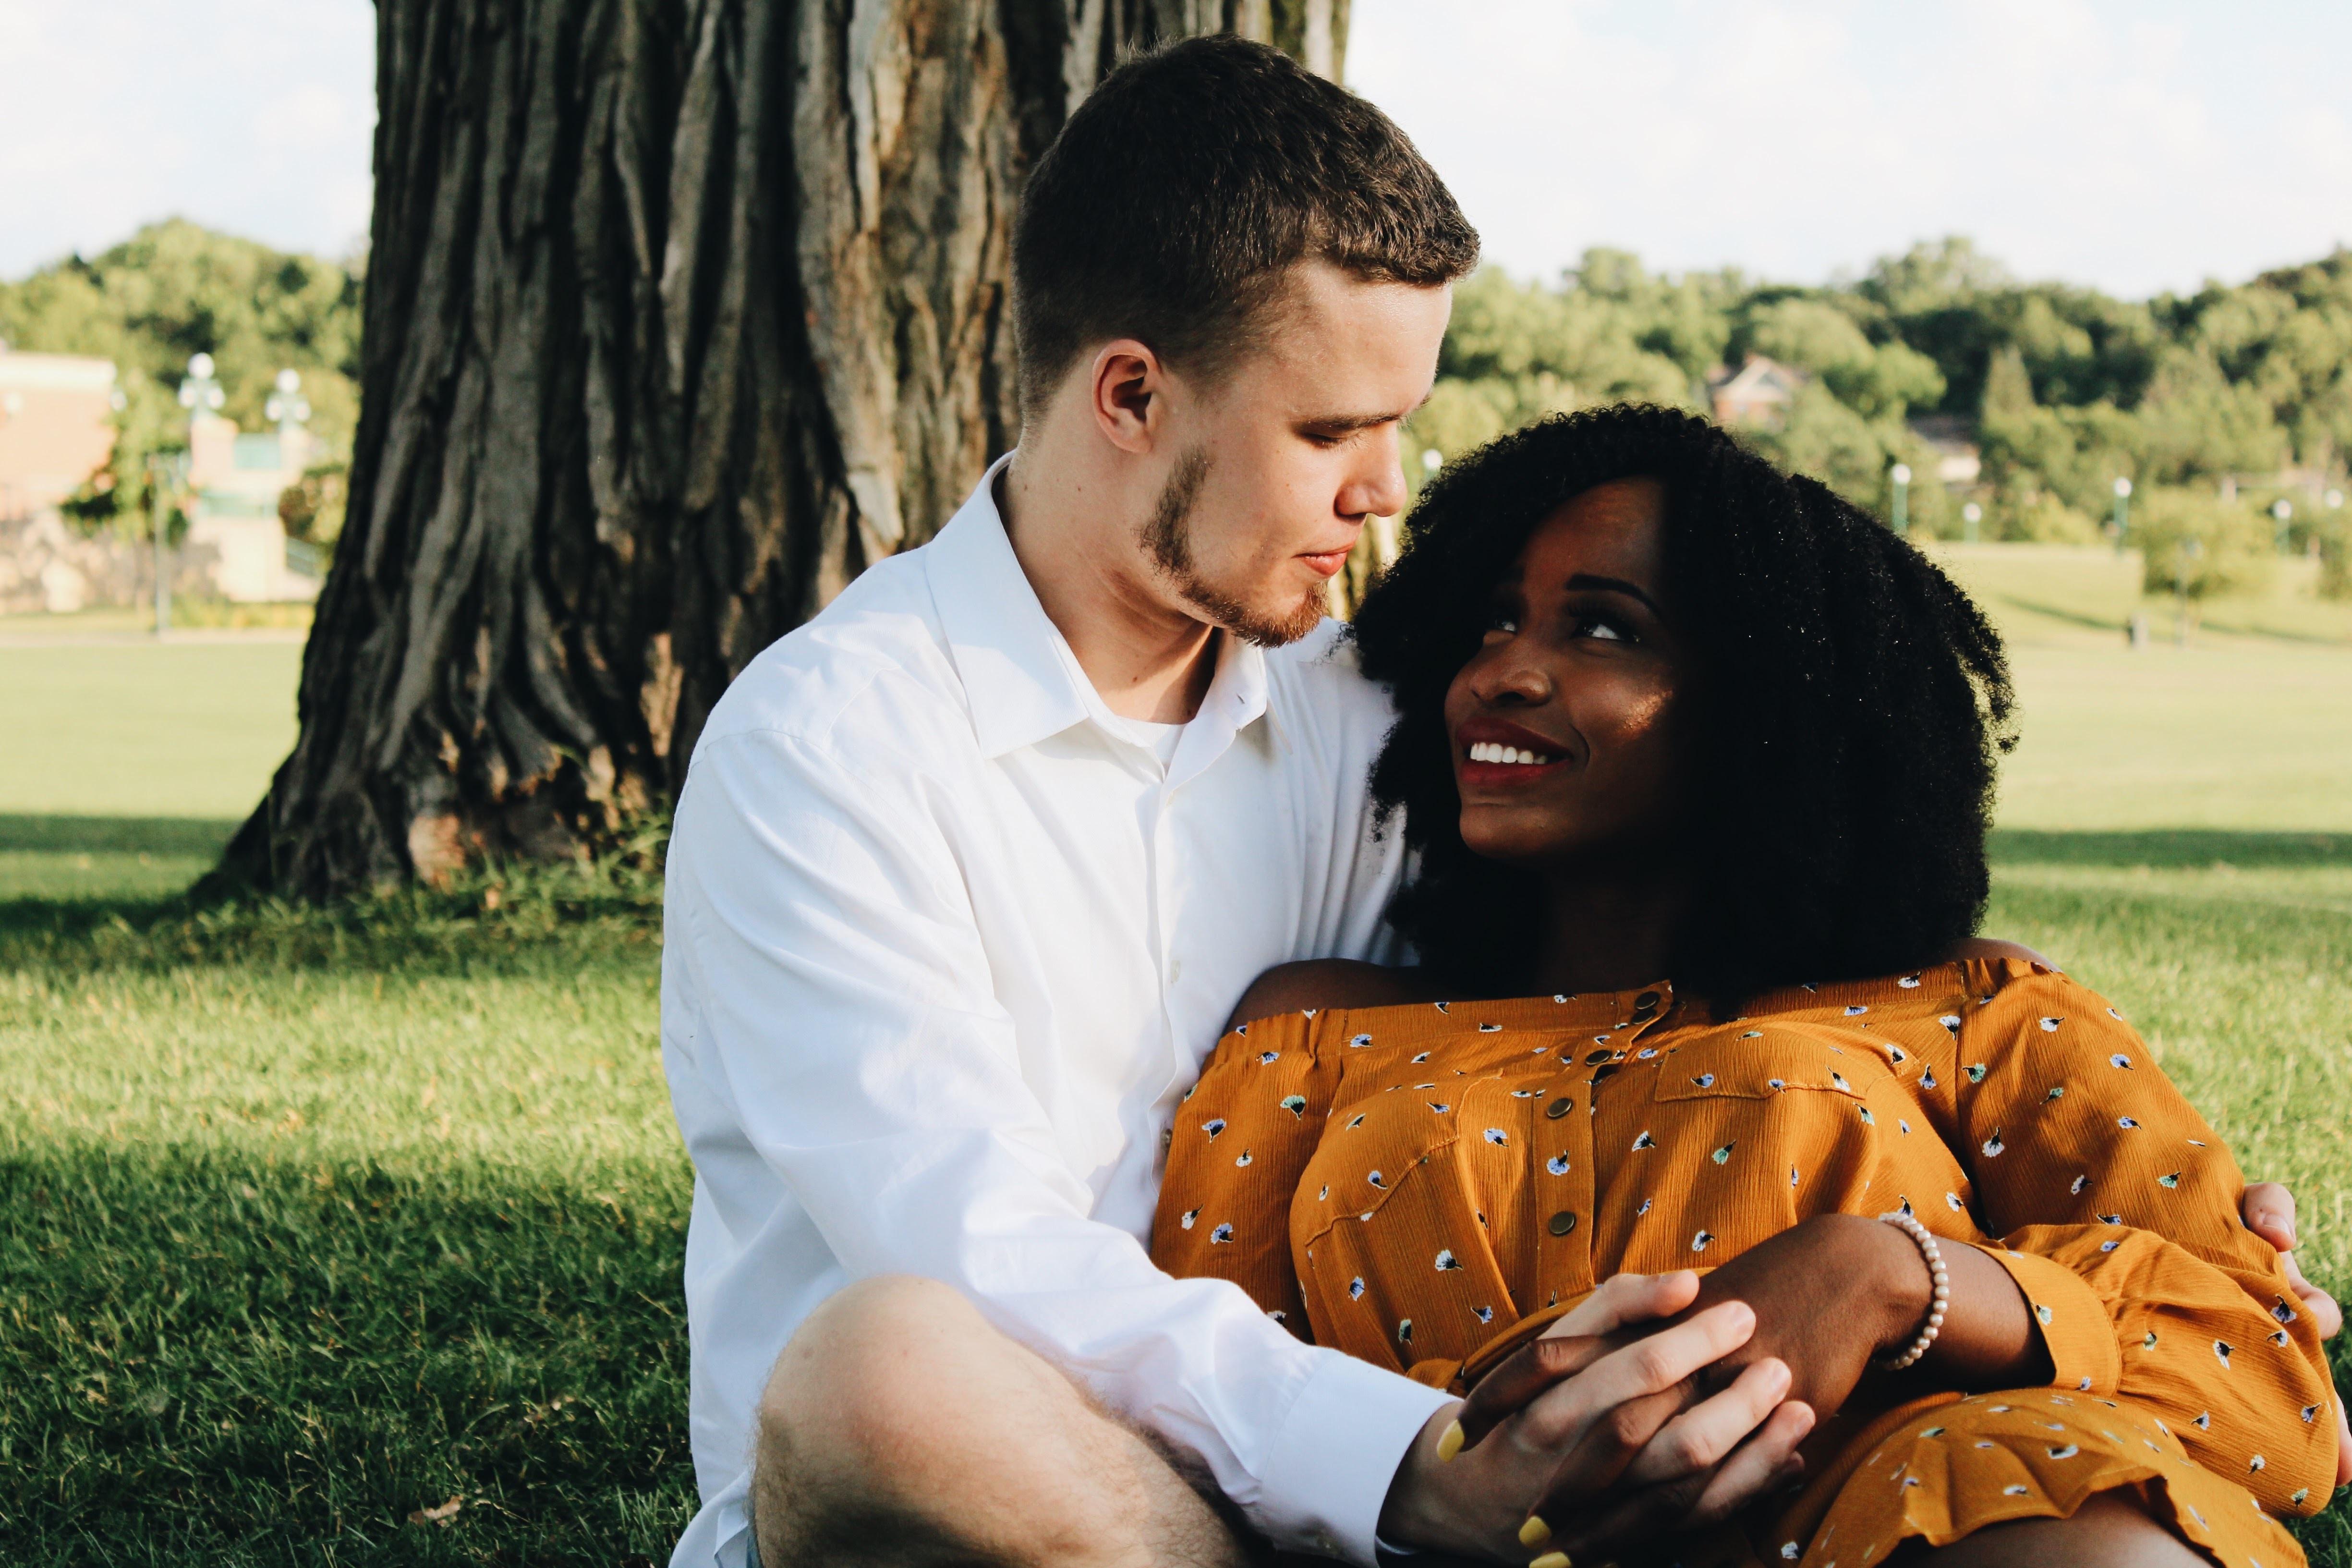 interracial dating College campussen handelen als dating, maar niet